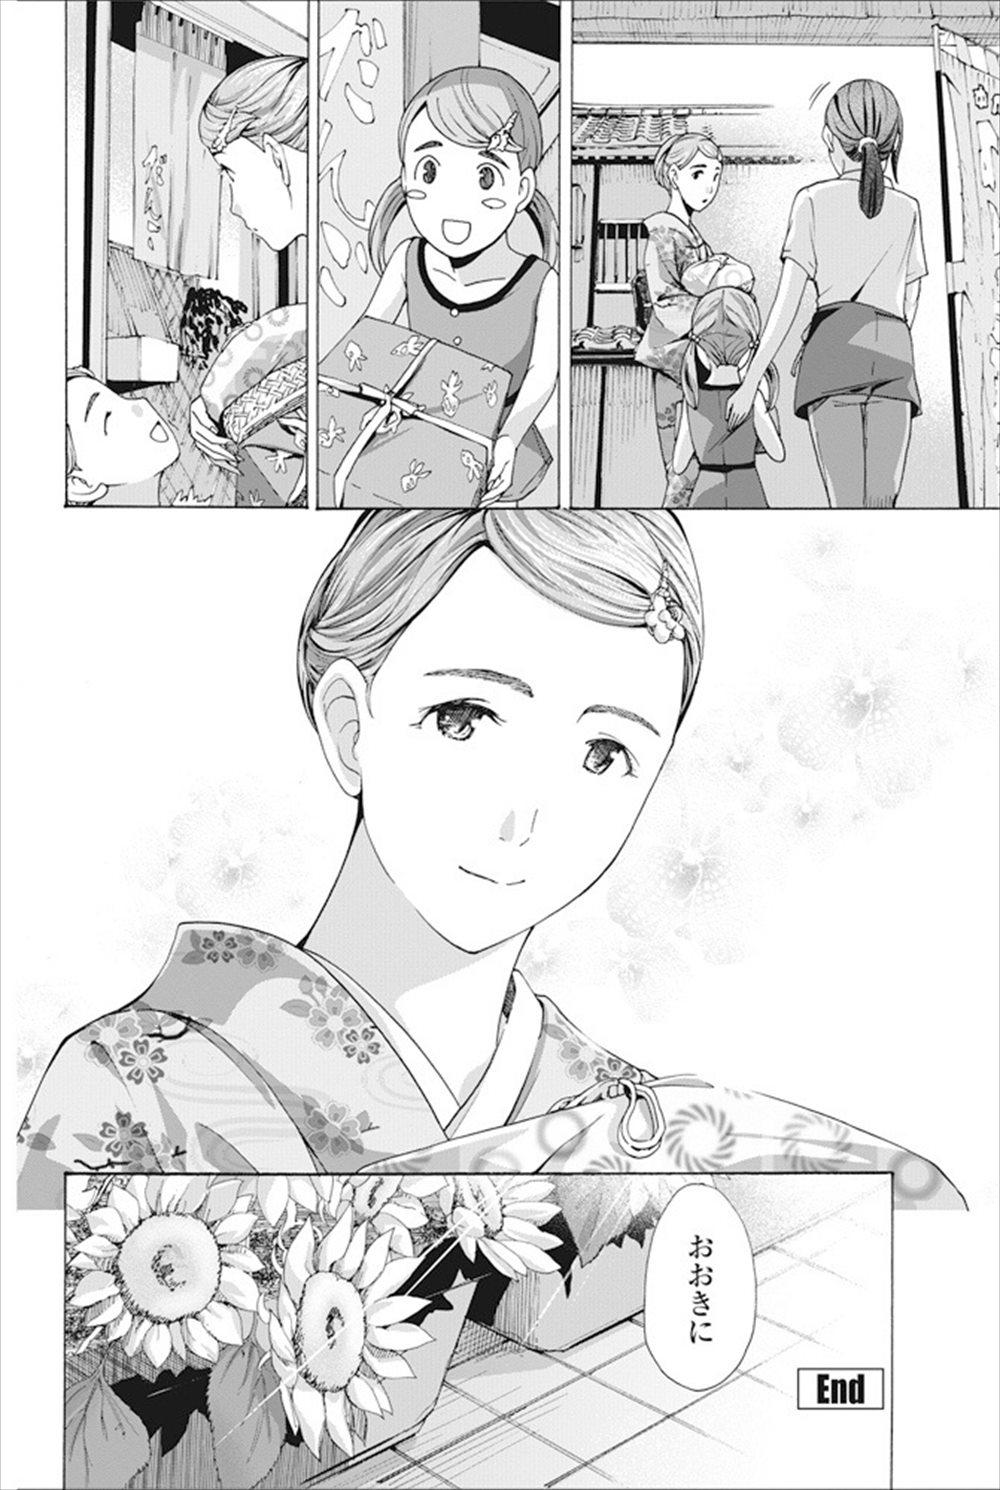 エロ 漫画 無料 クリ 責め